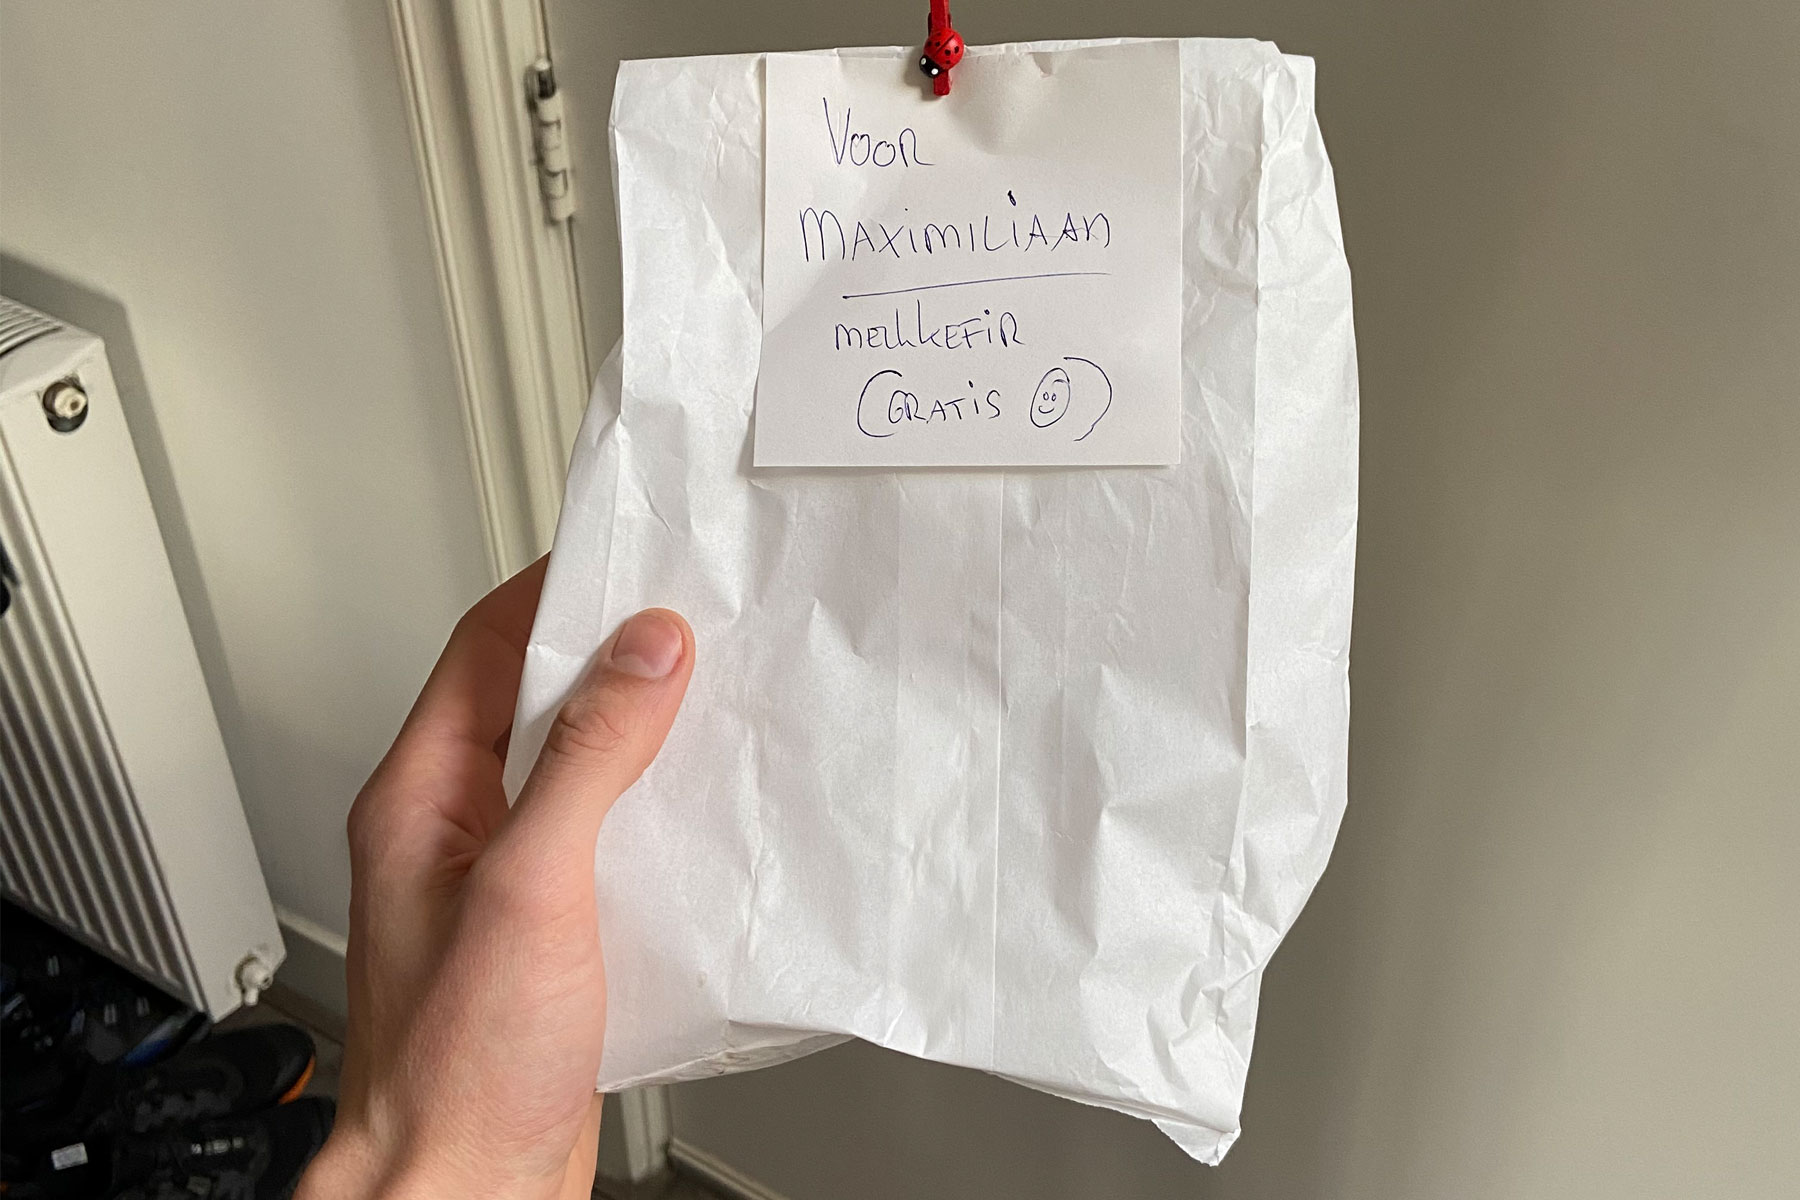 Een papierenzakje met daarop de tekst: voor Maximiliaan, melkkefir gratis. In de hand vastgehouden.